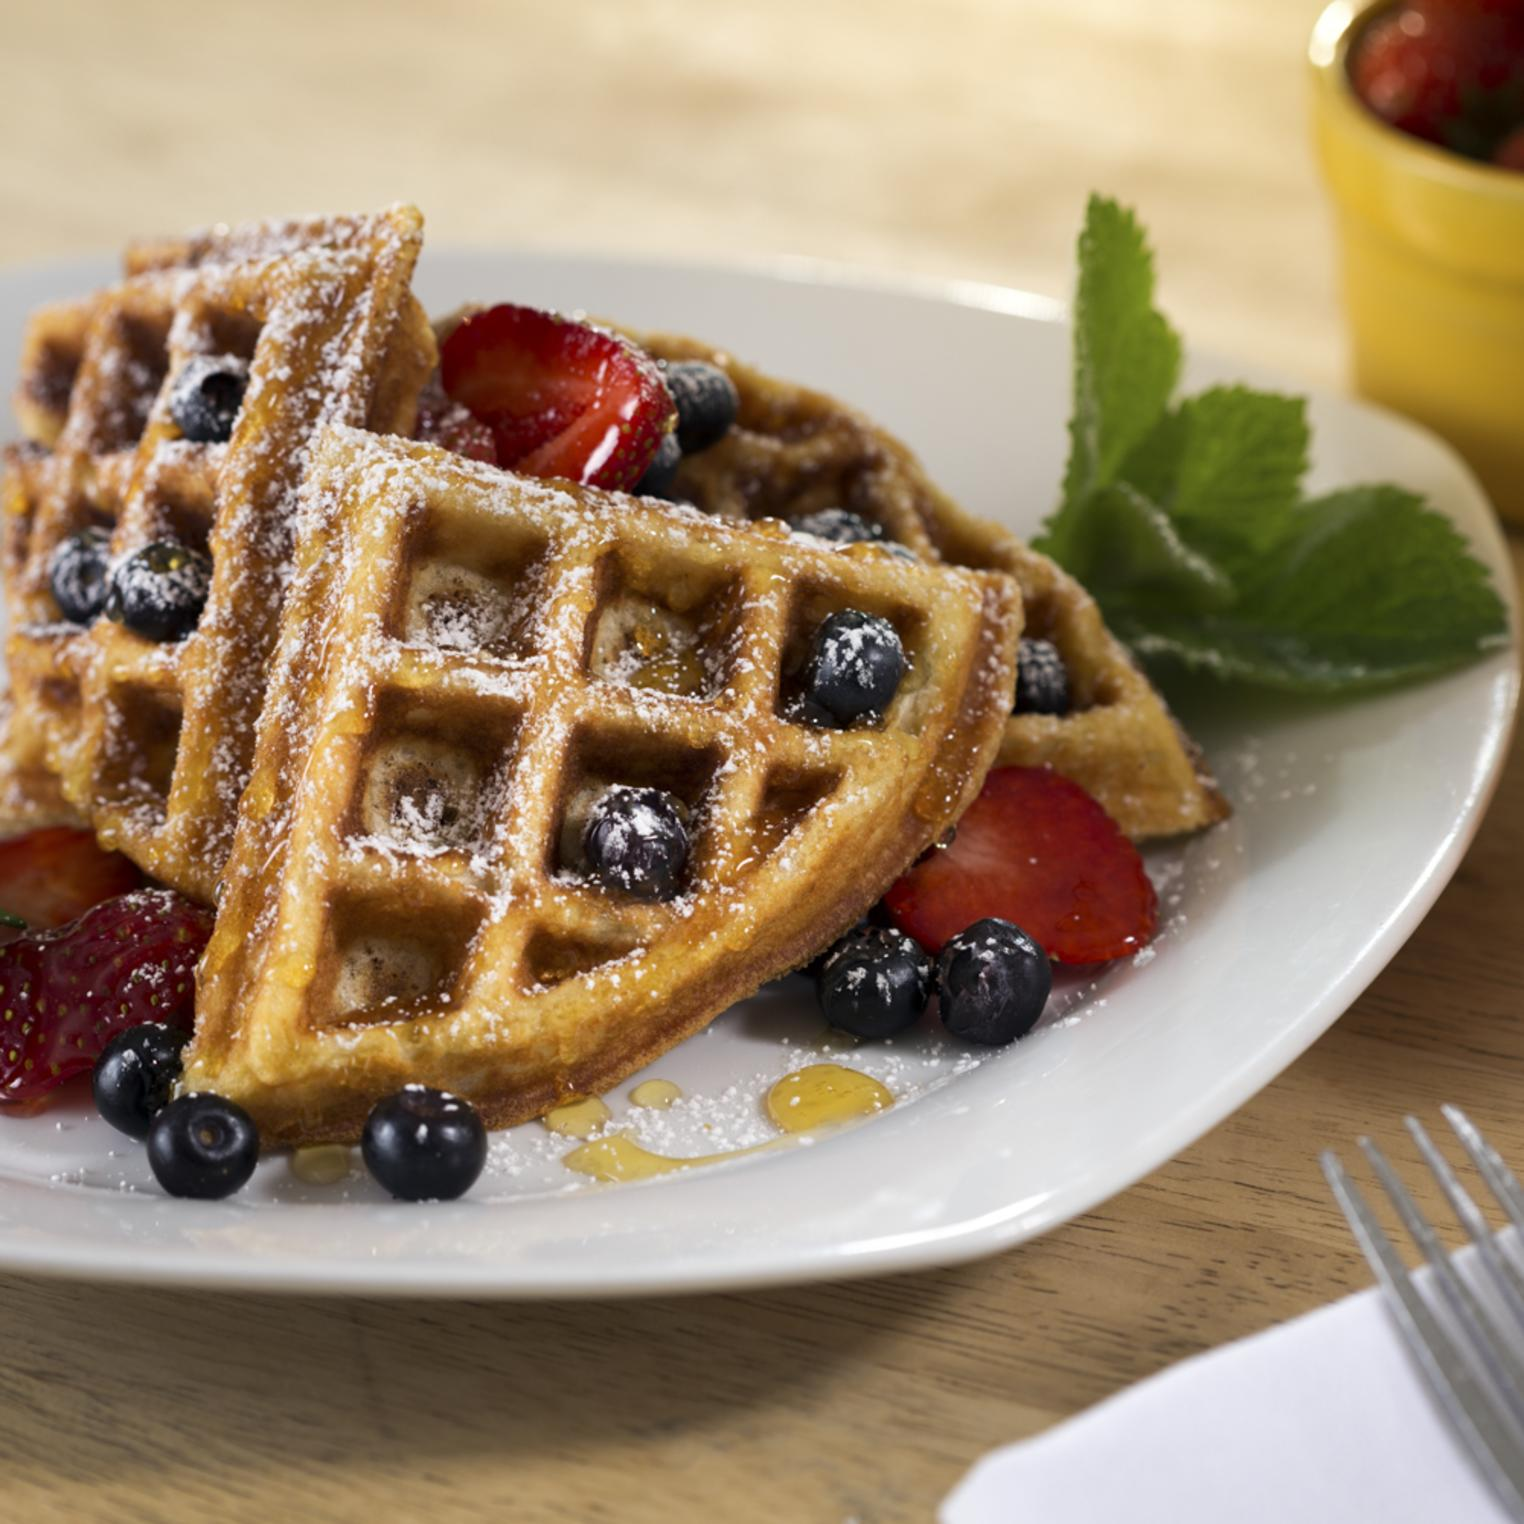 Belgian style waffles and fresh fruit